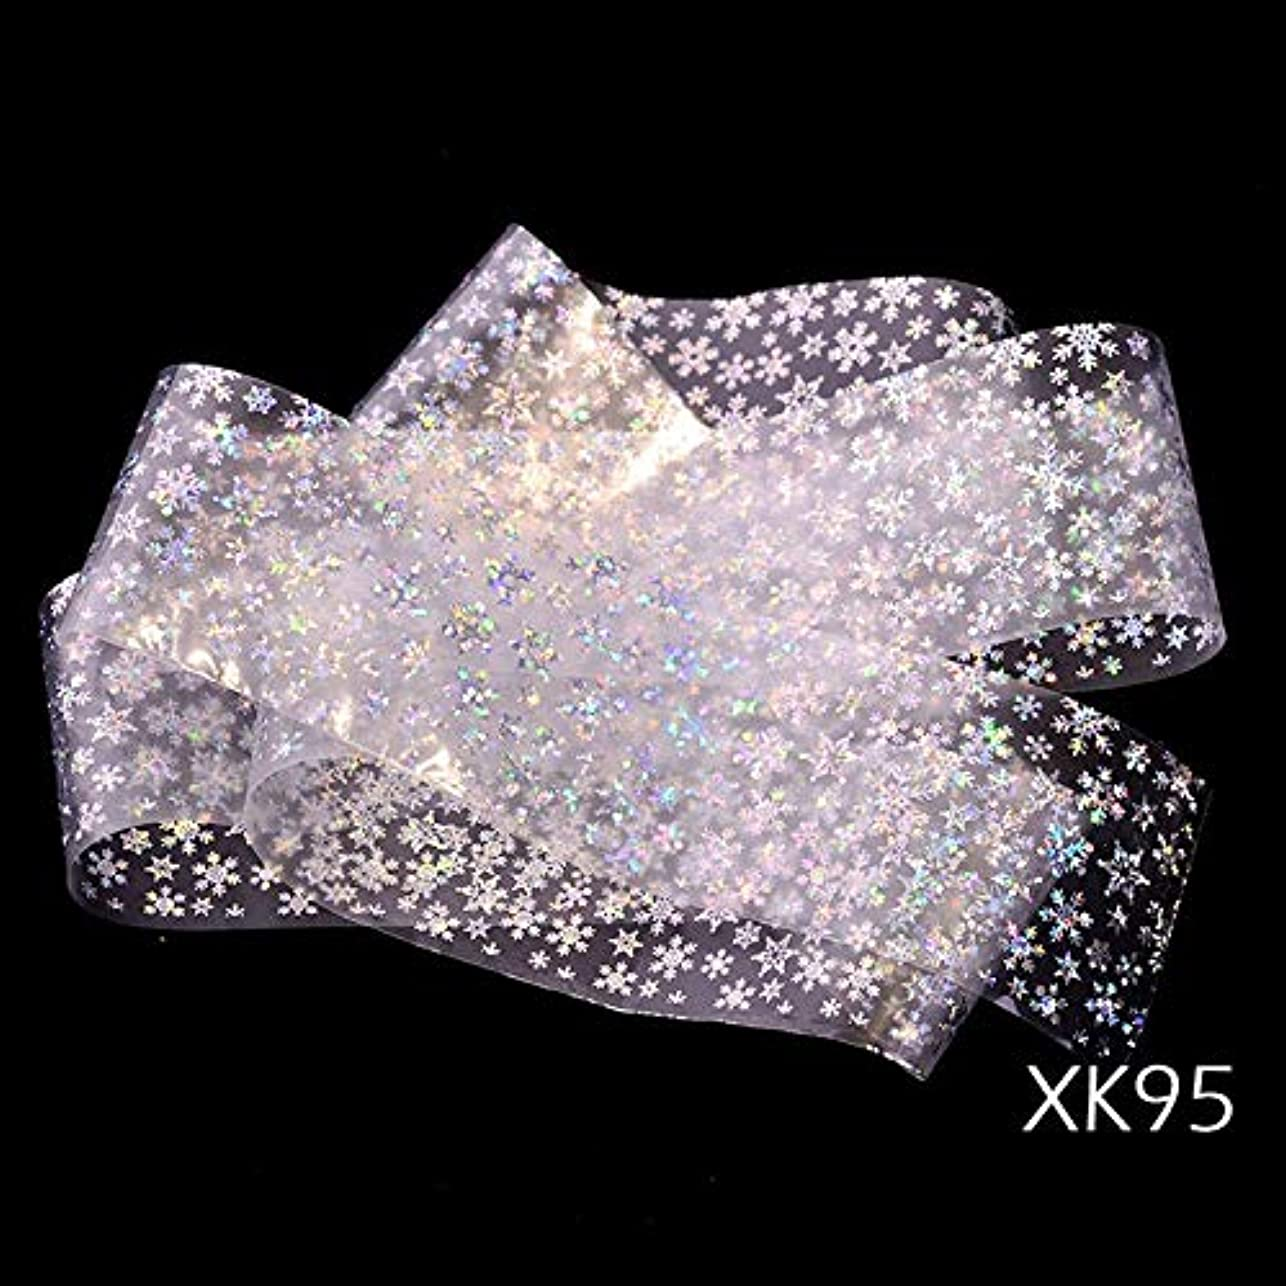 1ピースレーザーネイル箔転写ステッカークリスマスホログラフィックシルバーカラー光沢のあるスノーフレークデザイン透明/ブラックチップSAXK94-97 XK95